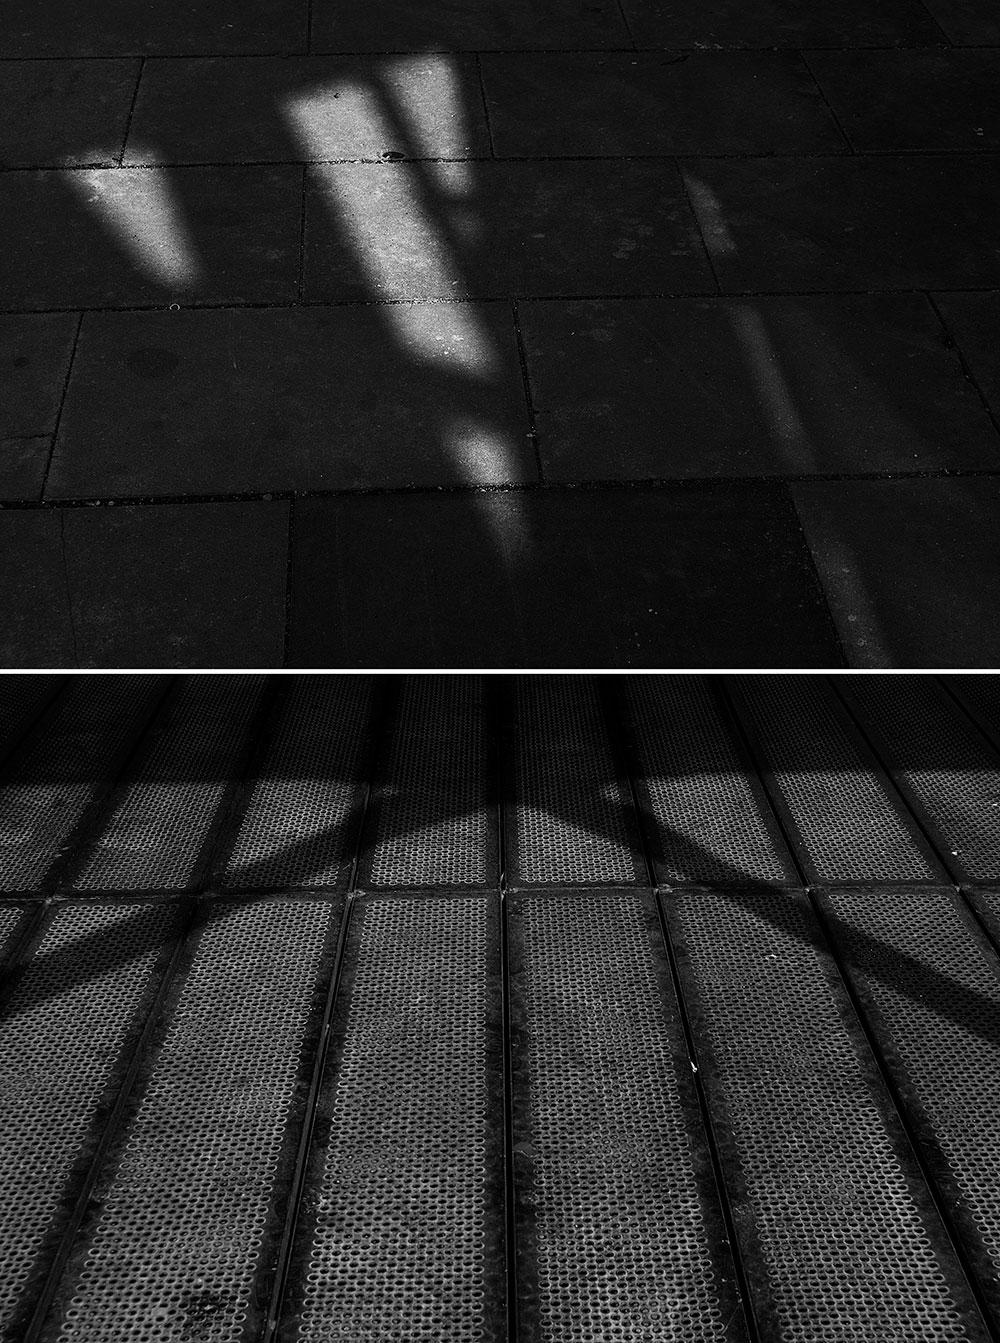 espectros_arquitectonicos_photography_donaestrangera_persona_barcelona9.jpg